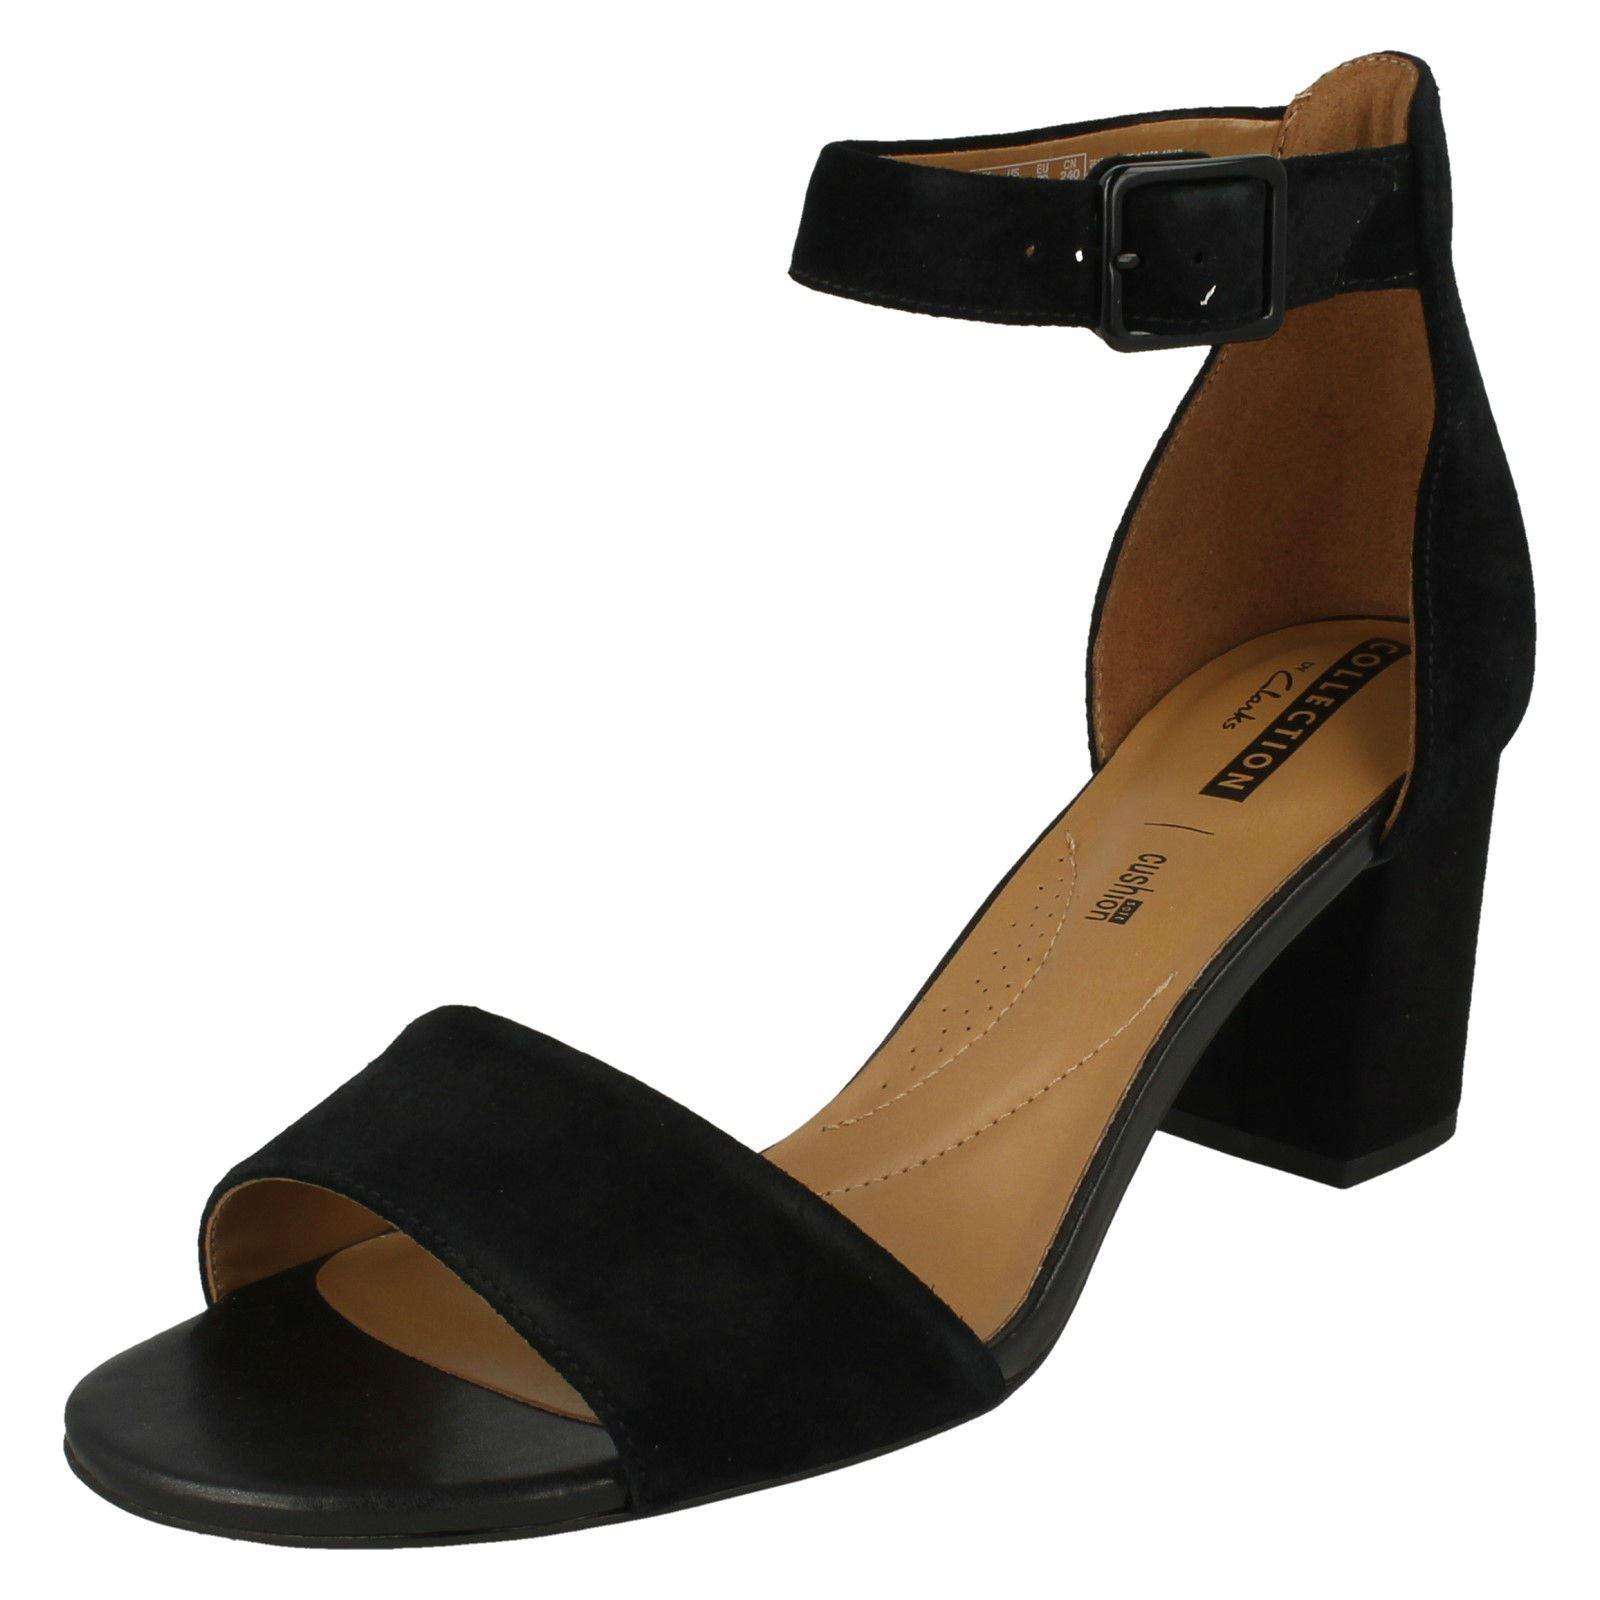 Ladies Clarks Heeled Sandals - Deva Mae  80af9774e6